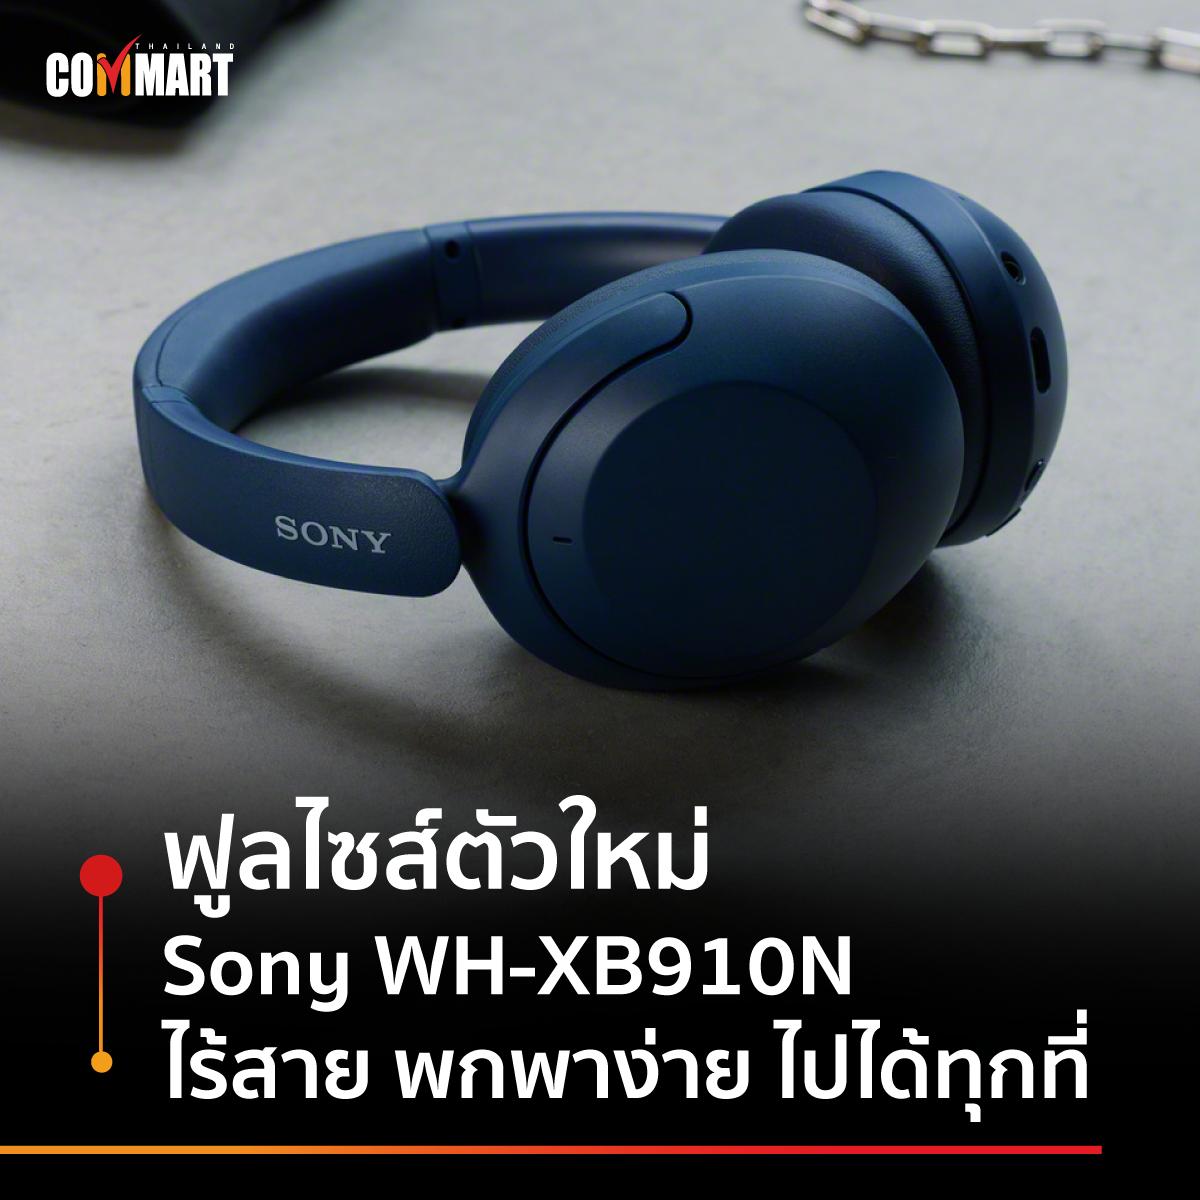 ฟูลไซส์ตัวใหม่  Sony WH-XB910N ไร้สาย พกพาง่าย ไปได้ทุกที่